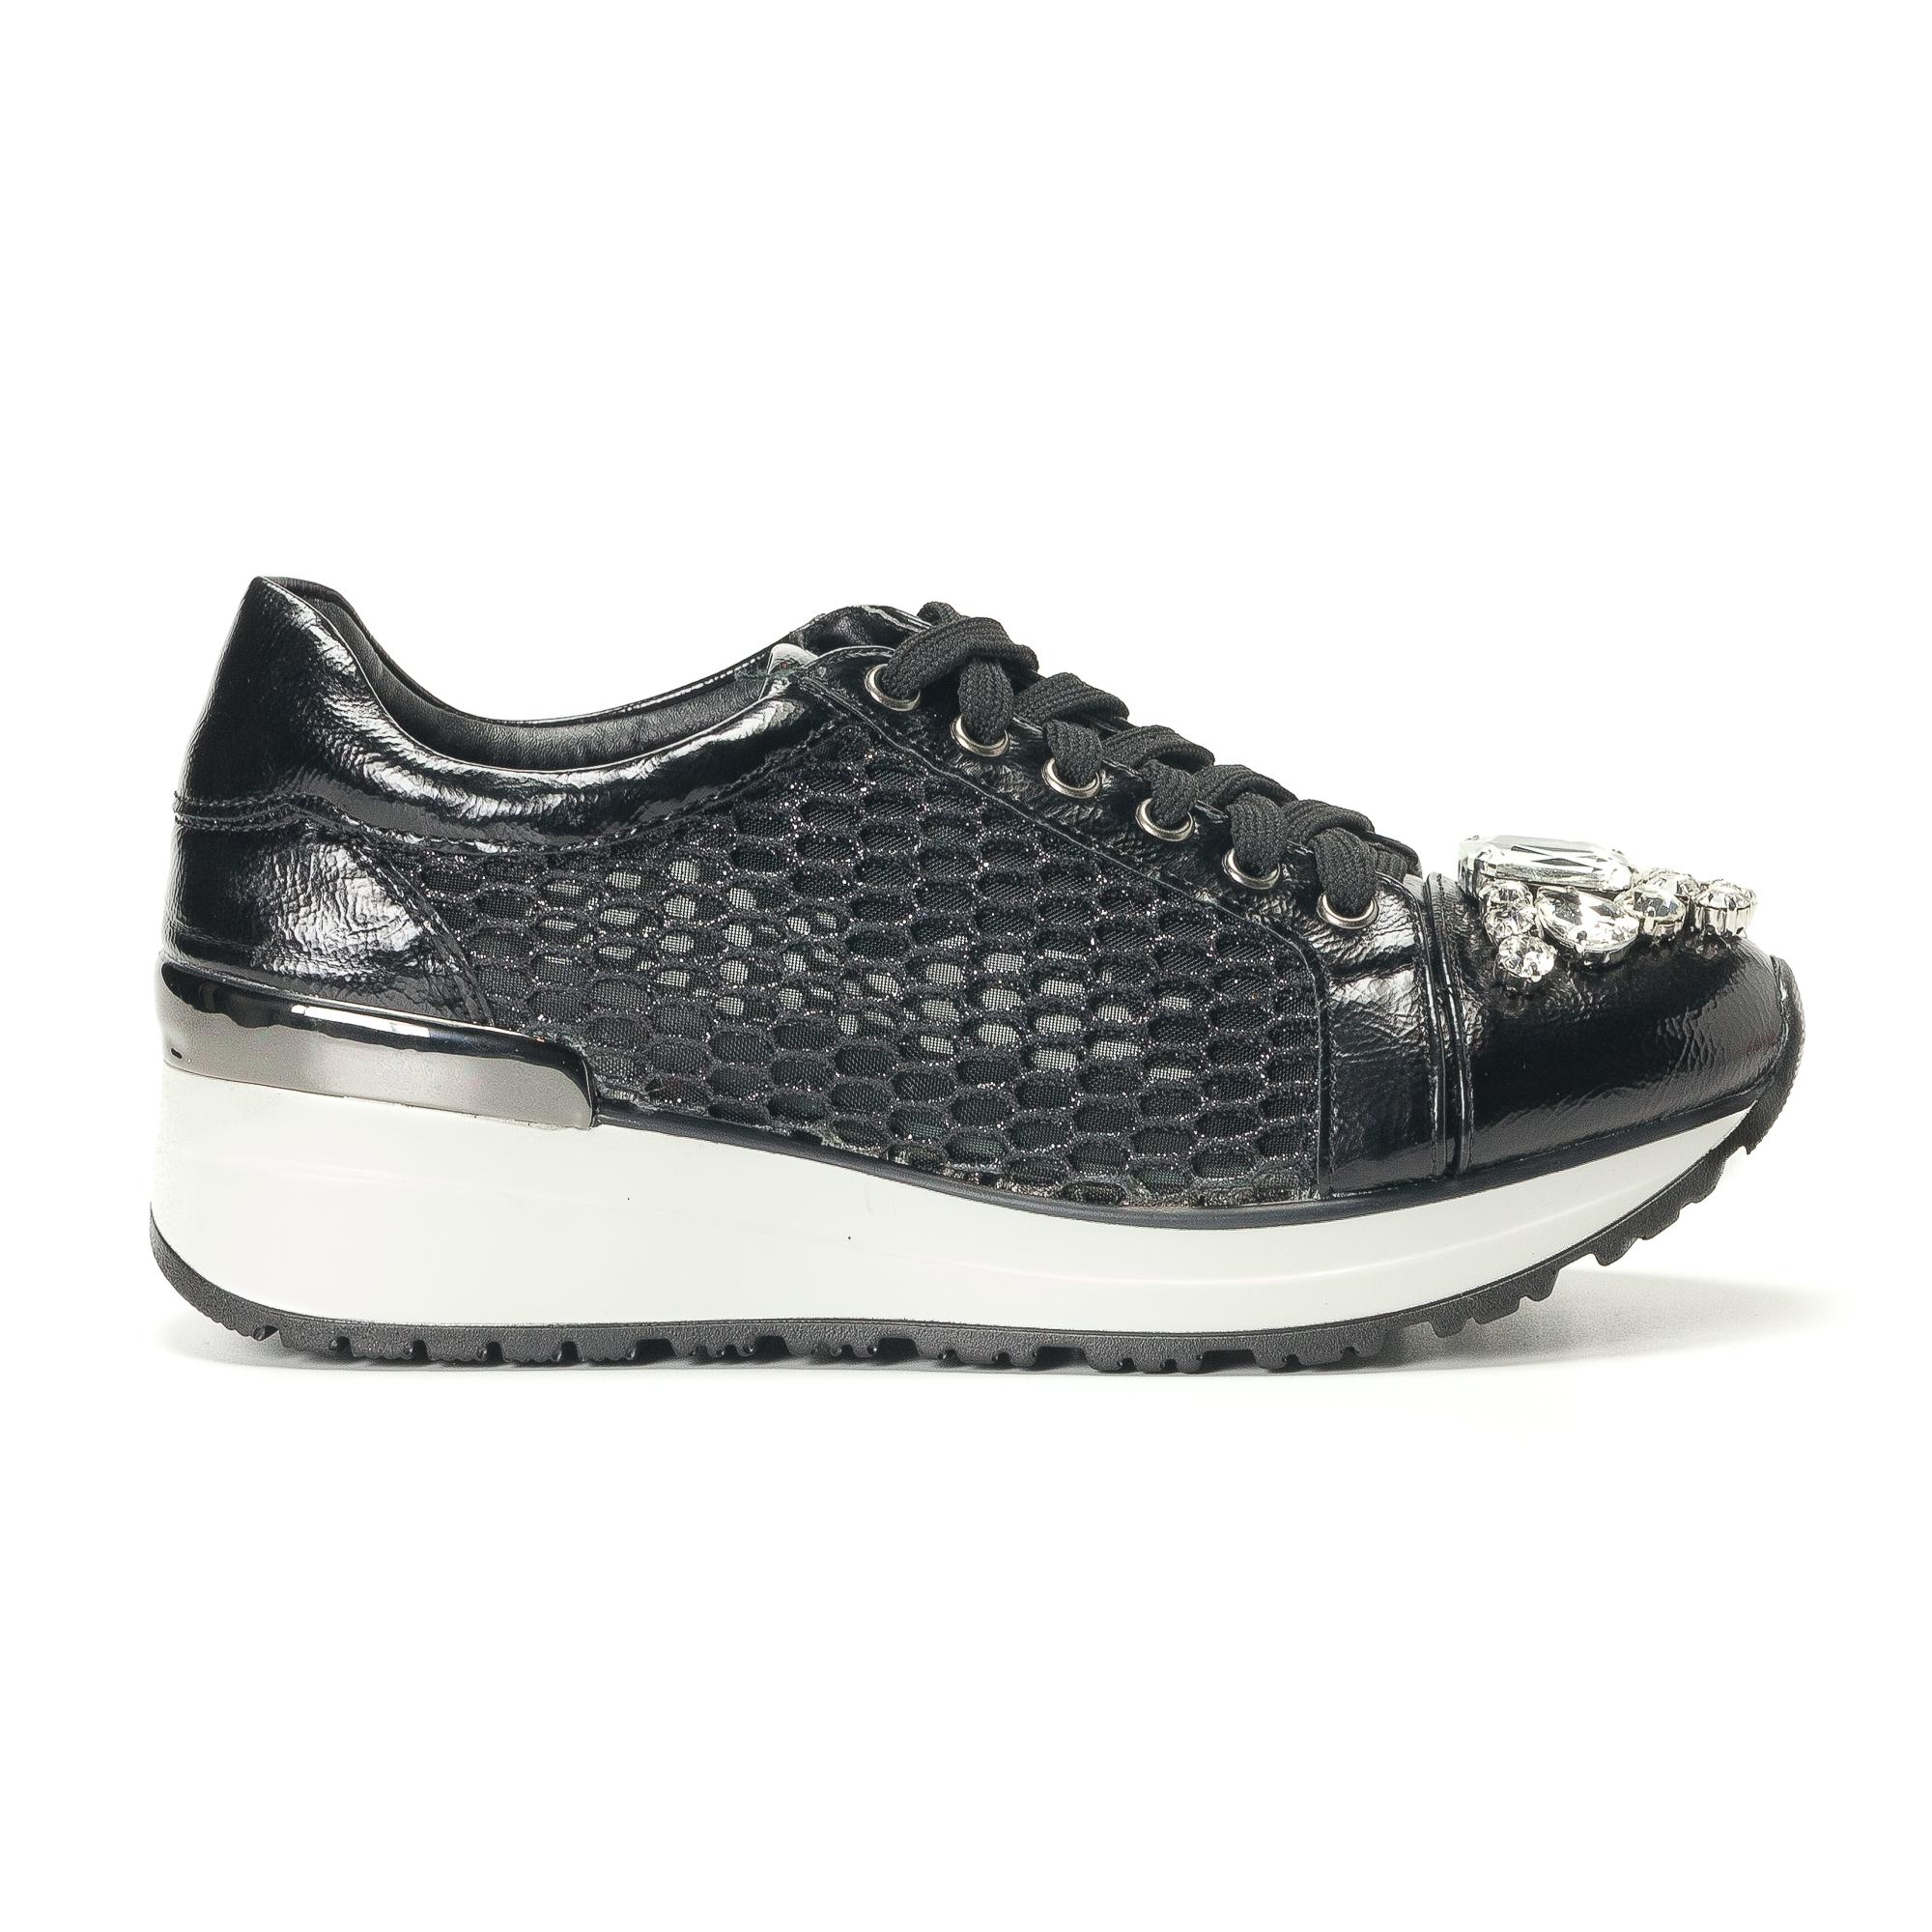 Γυναικεία μαύρα sneakers με πλατφόρμα και συνδυάσμο υφασμάτων